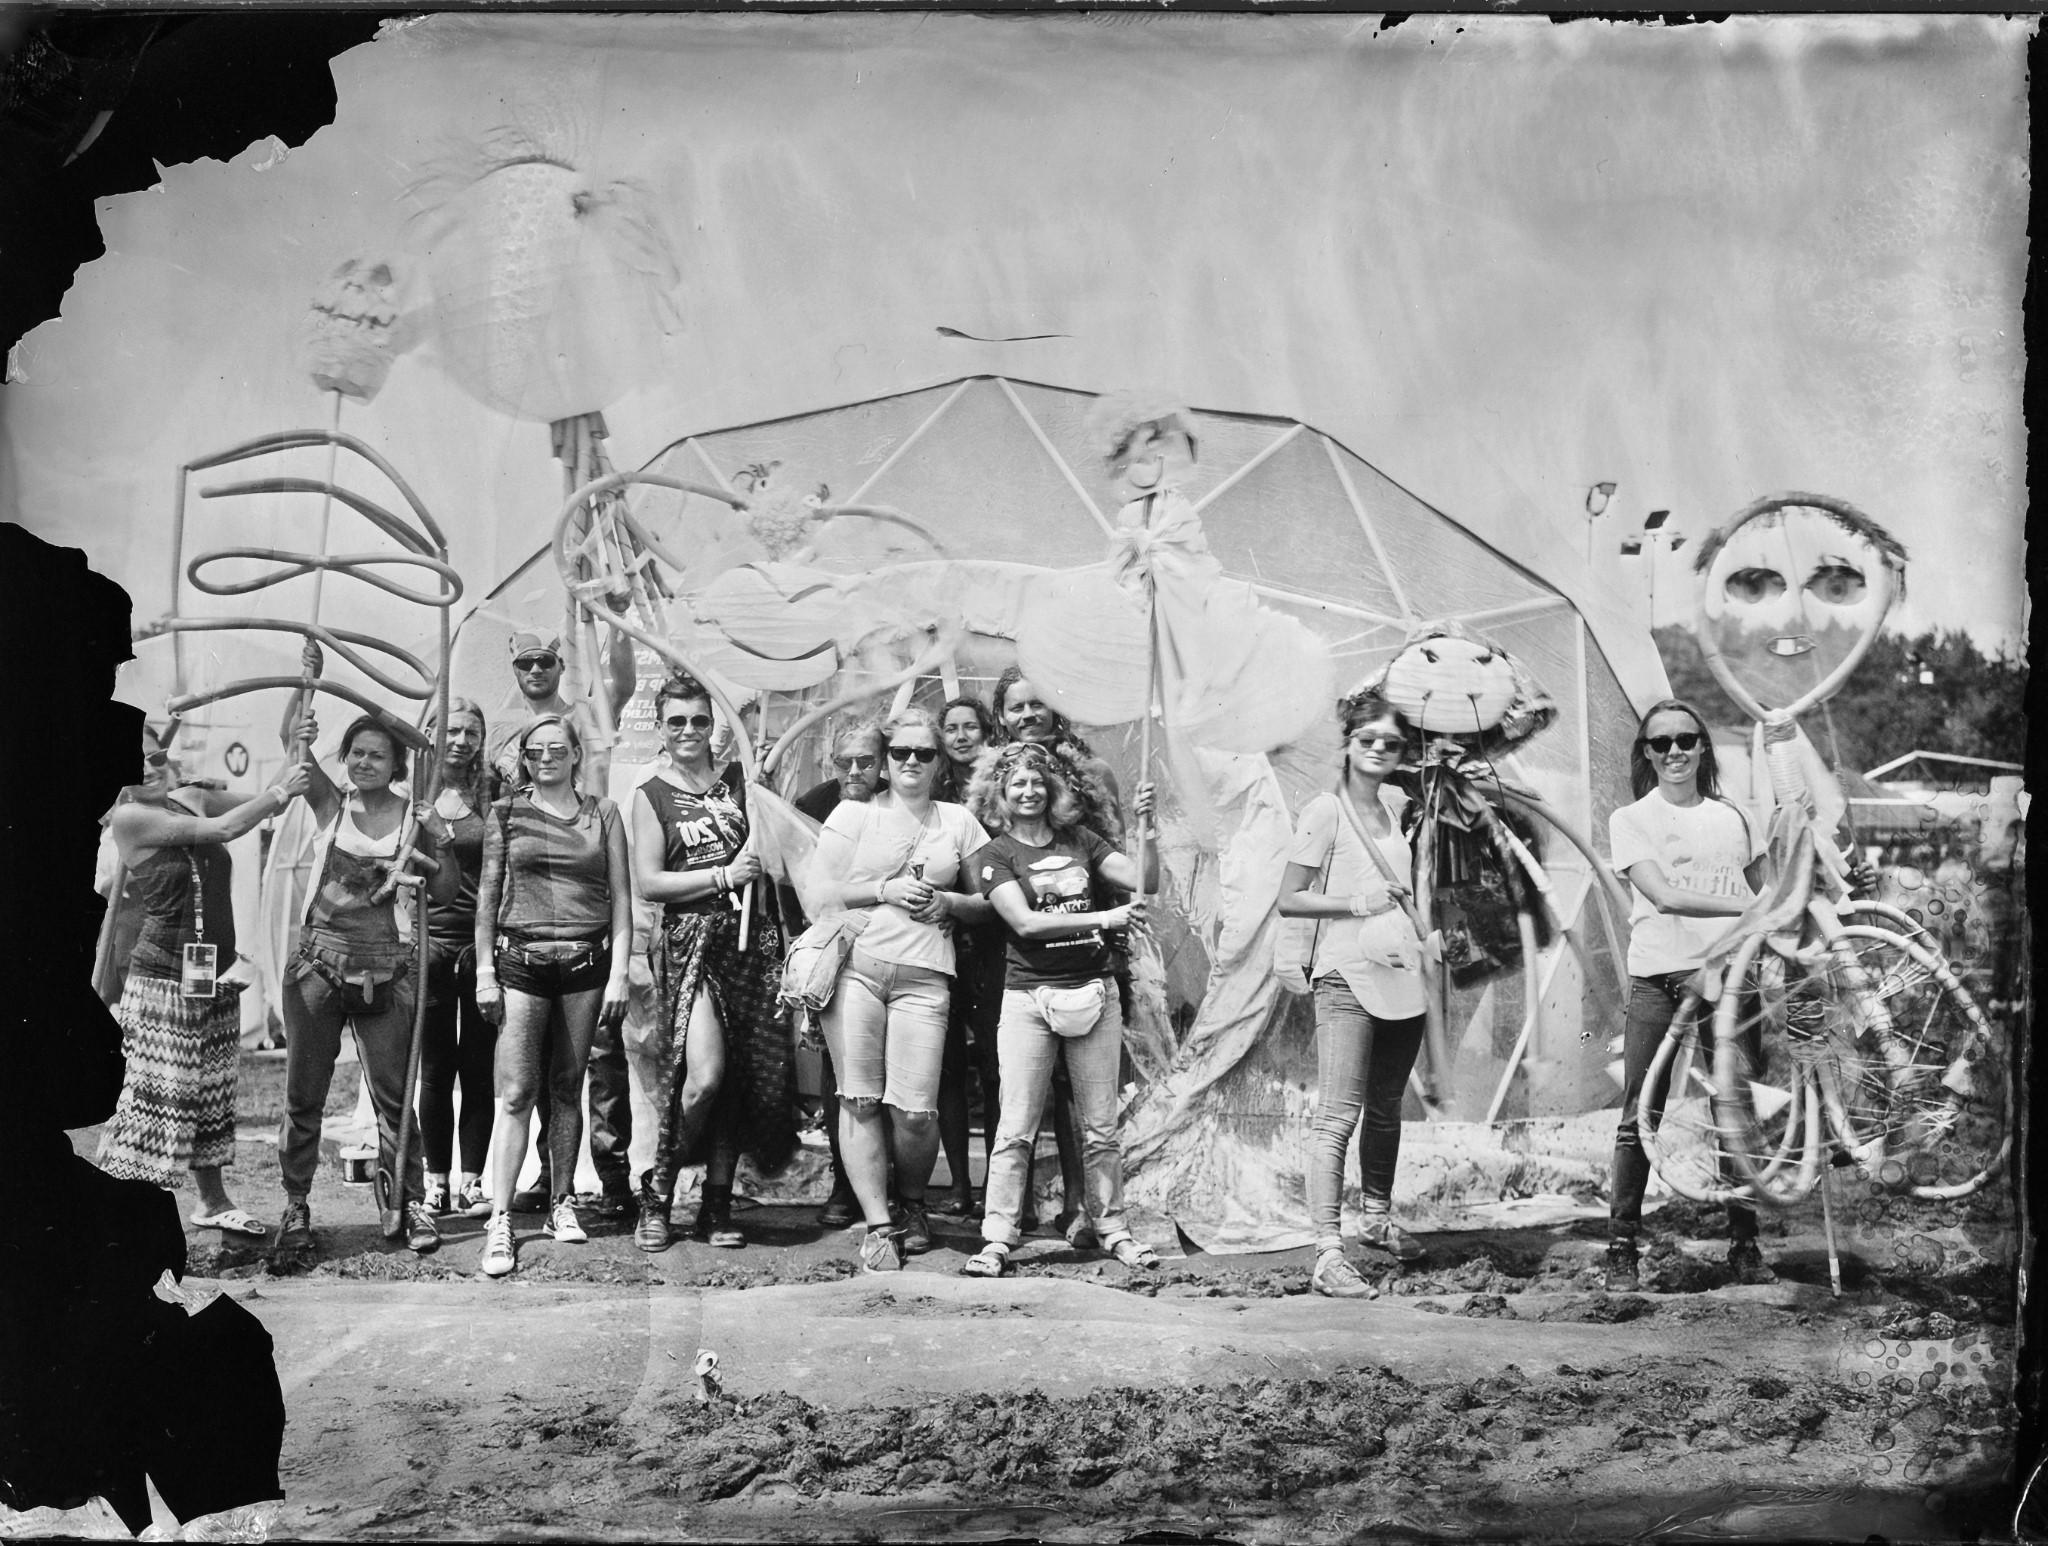 Przystanek Woodstock 2016 - Mokry Kolodion - Street Collodion Art (17)